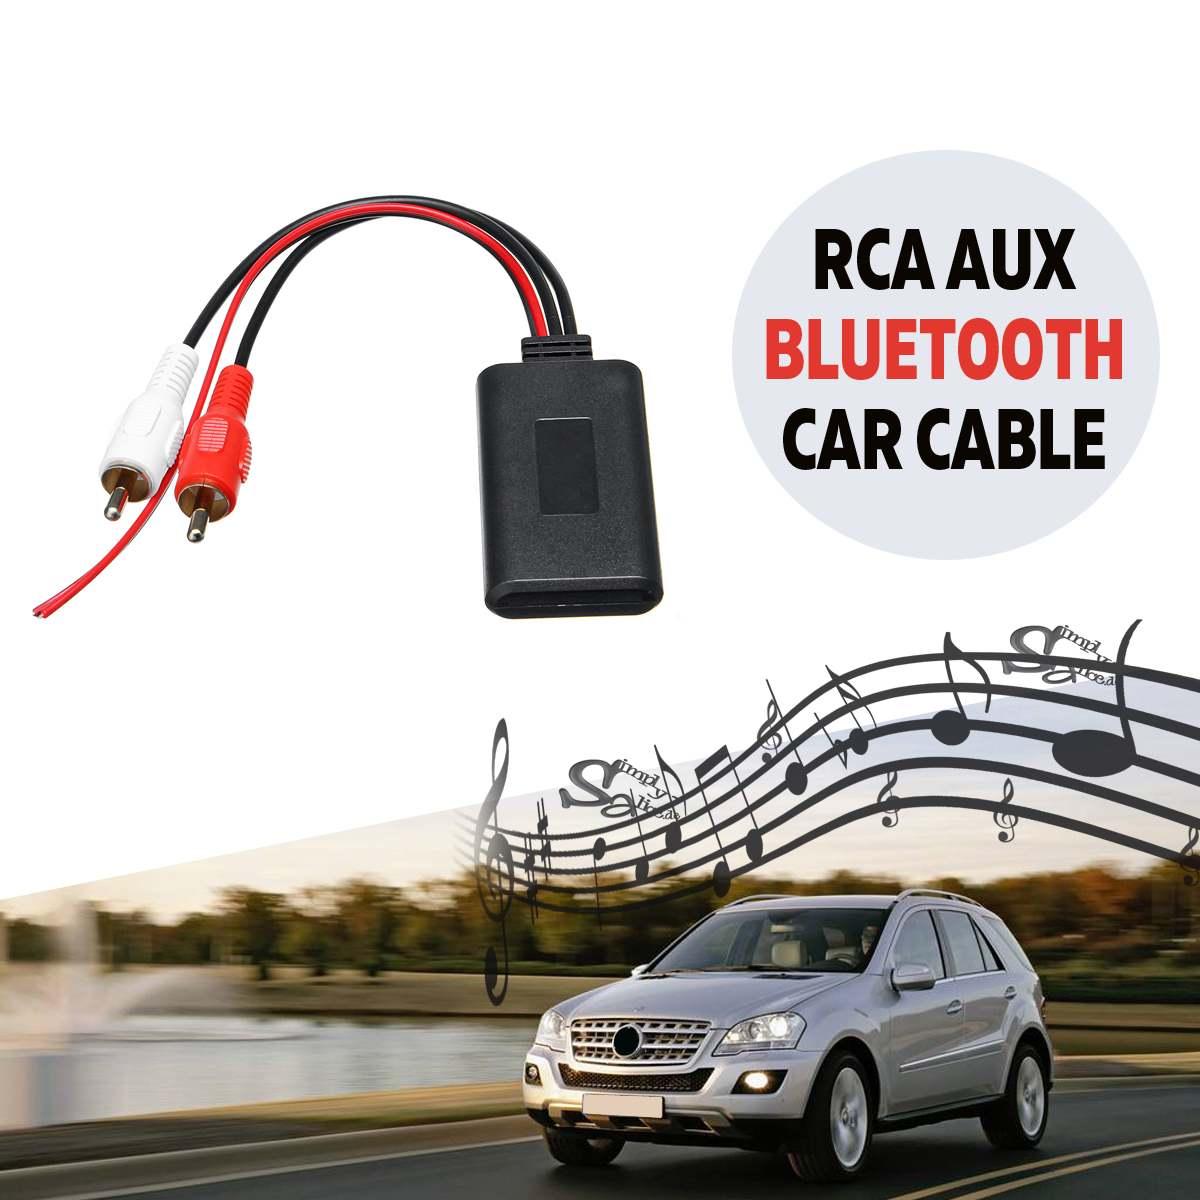 Универсальный Автомобильный bluetooth беспроводной адаптер подключения для стерео с 2 RCA AUX IN Music Audio вход беспроводной кабель для грузовика авто|Автомобильный комплект Bluetooth|   | АлиЭкспресс